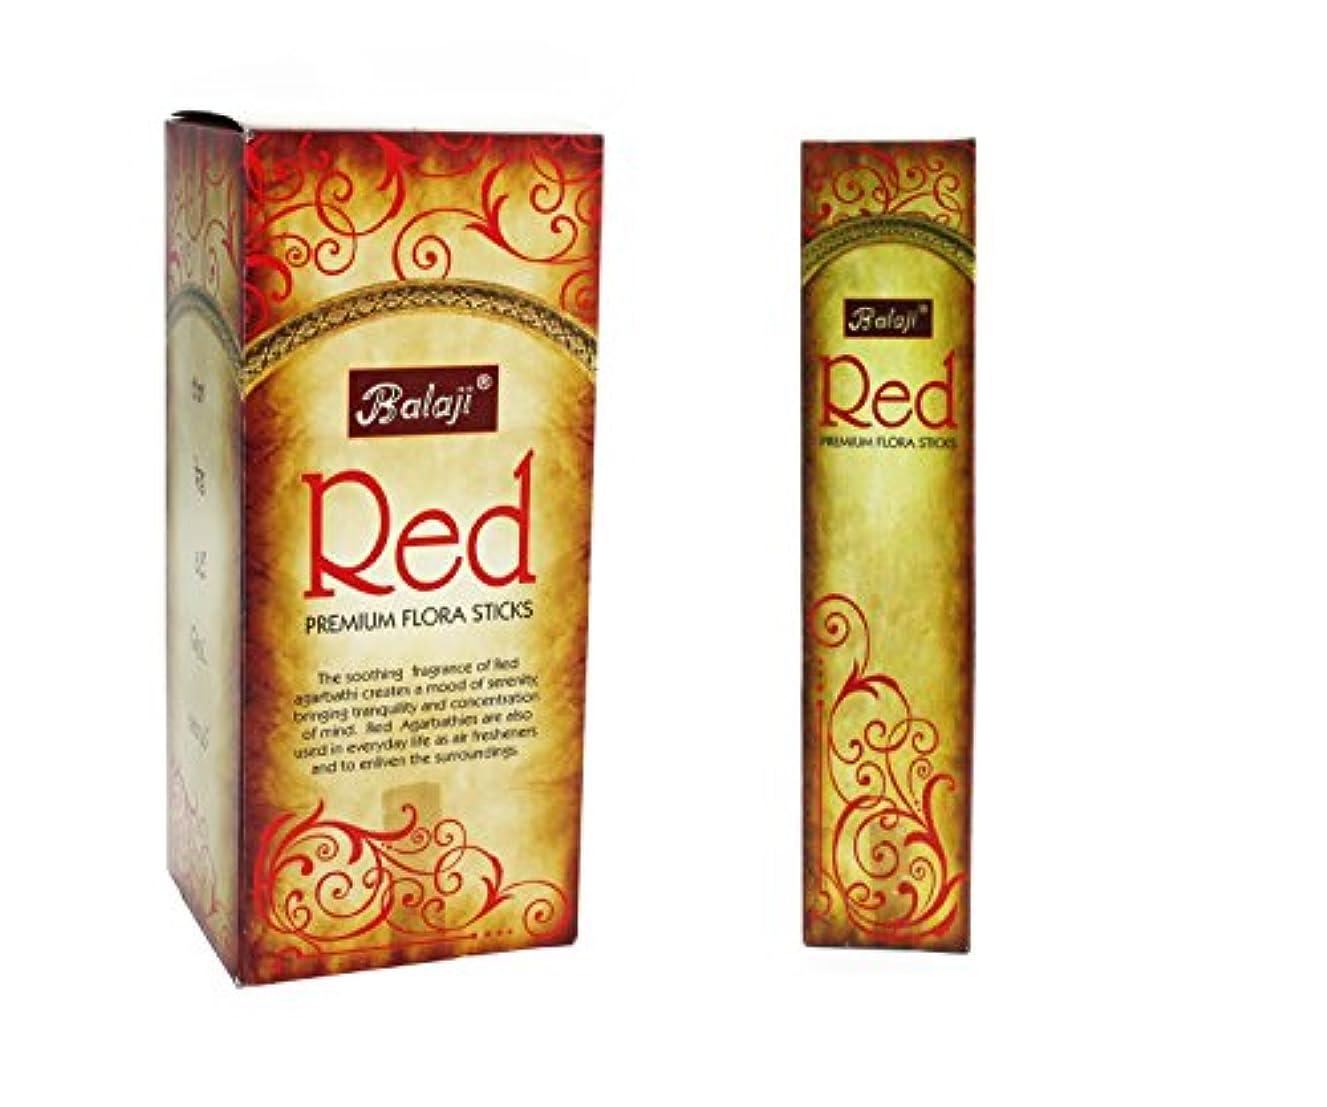 麻痺汚す演じるBalaji Red Premium Flora Sticks (Incense/Joss Sticks/ Agarbatti) (12 units x 15 Sticks) by Balaji